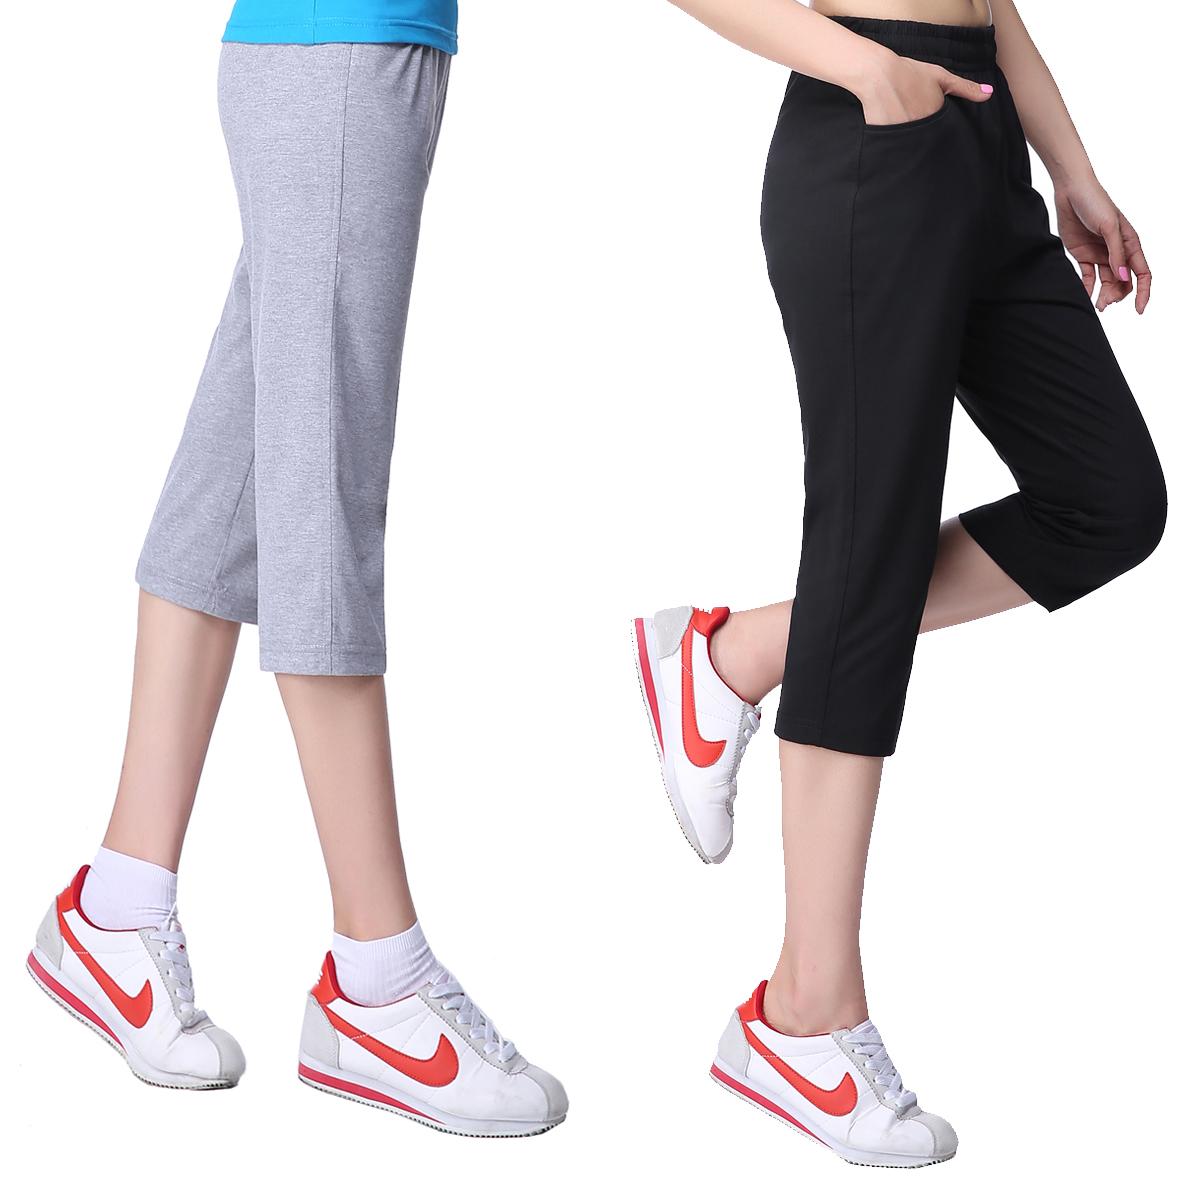 中老年休闲七分裤妈妈夏季薄款宽松大码跑步纯棉高腰女士运动中裤